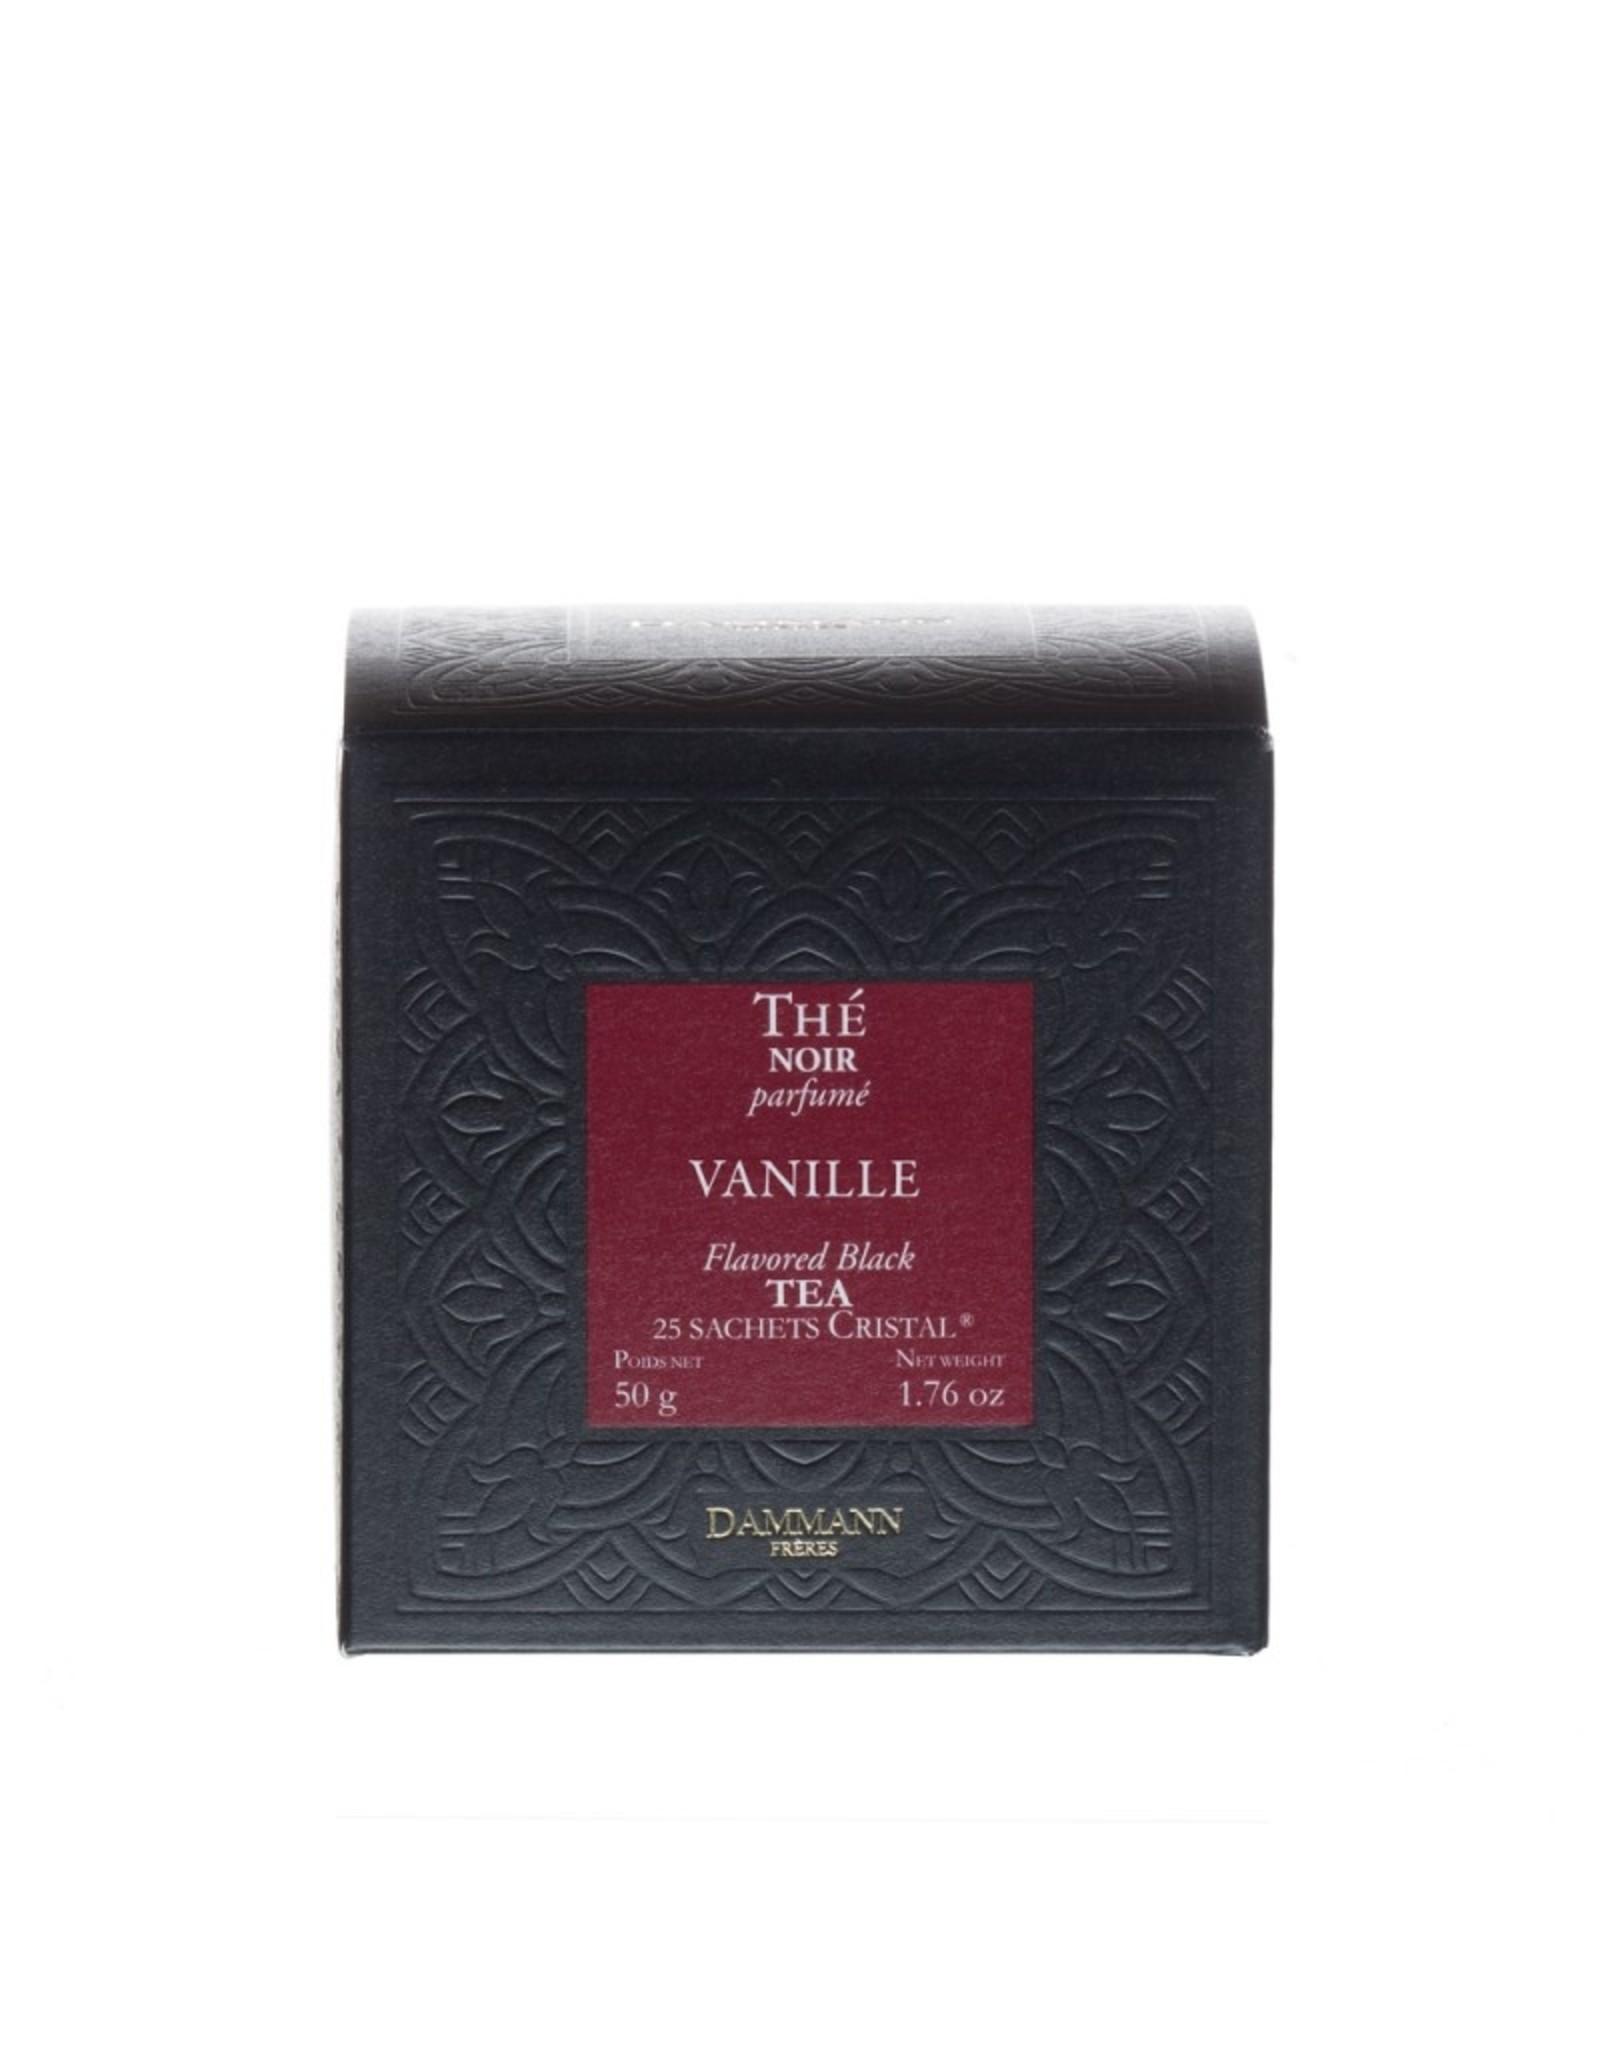 Dammann 'Vanille' Flavoured Black tea